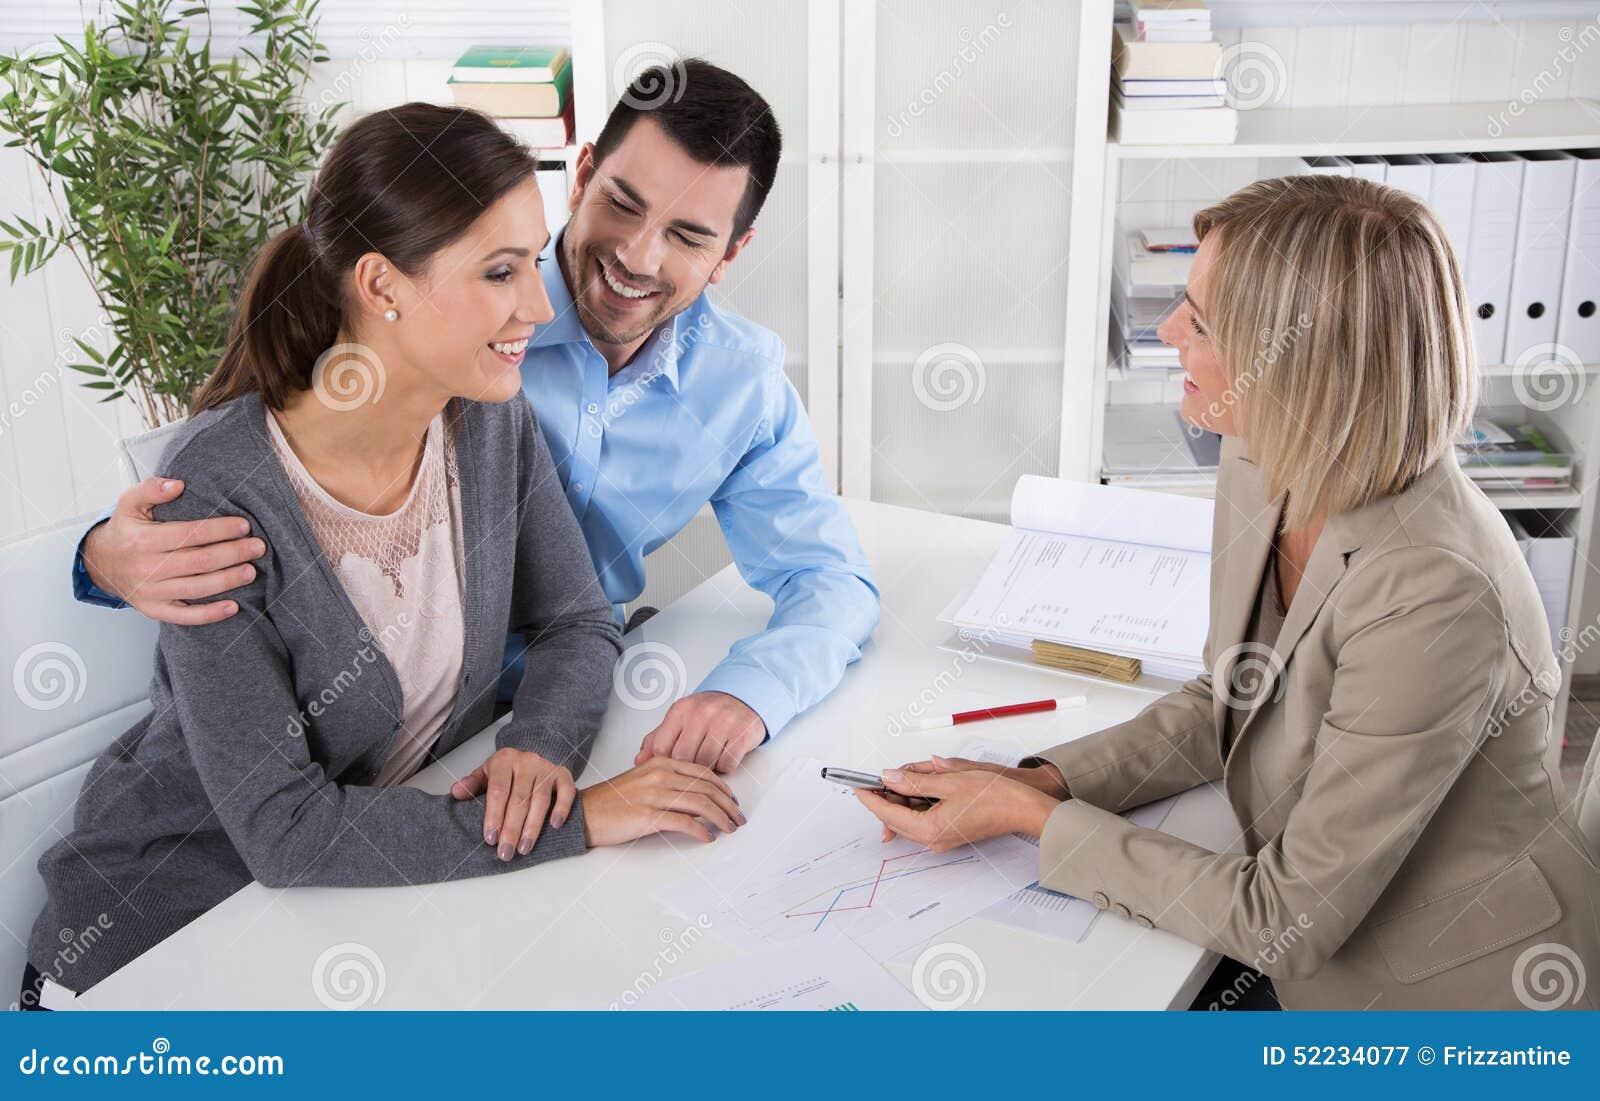 Профессиональная деловая встреча: молодые пары как клиенты и